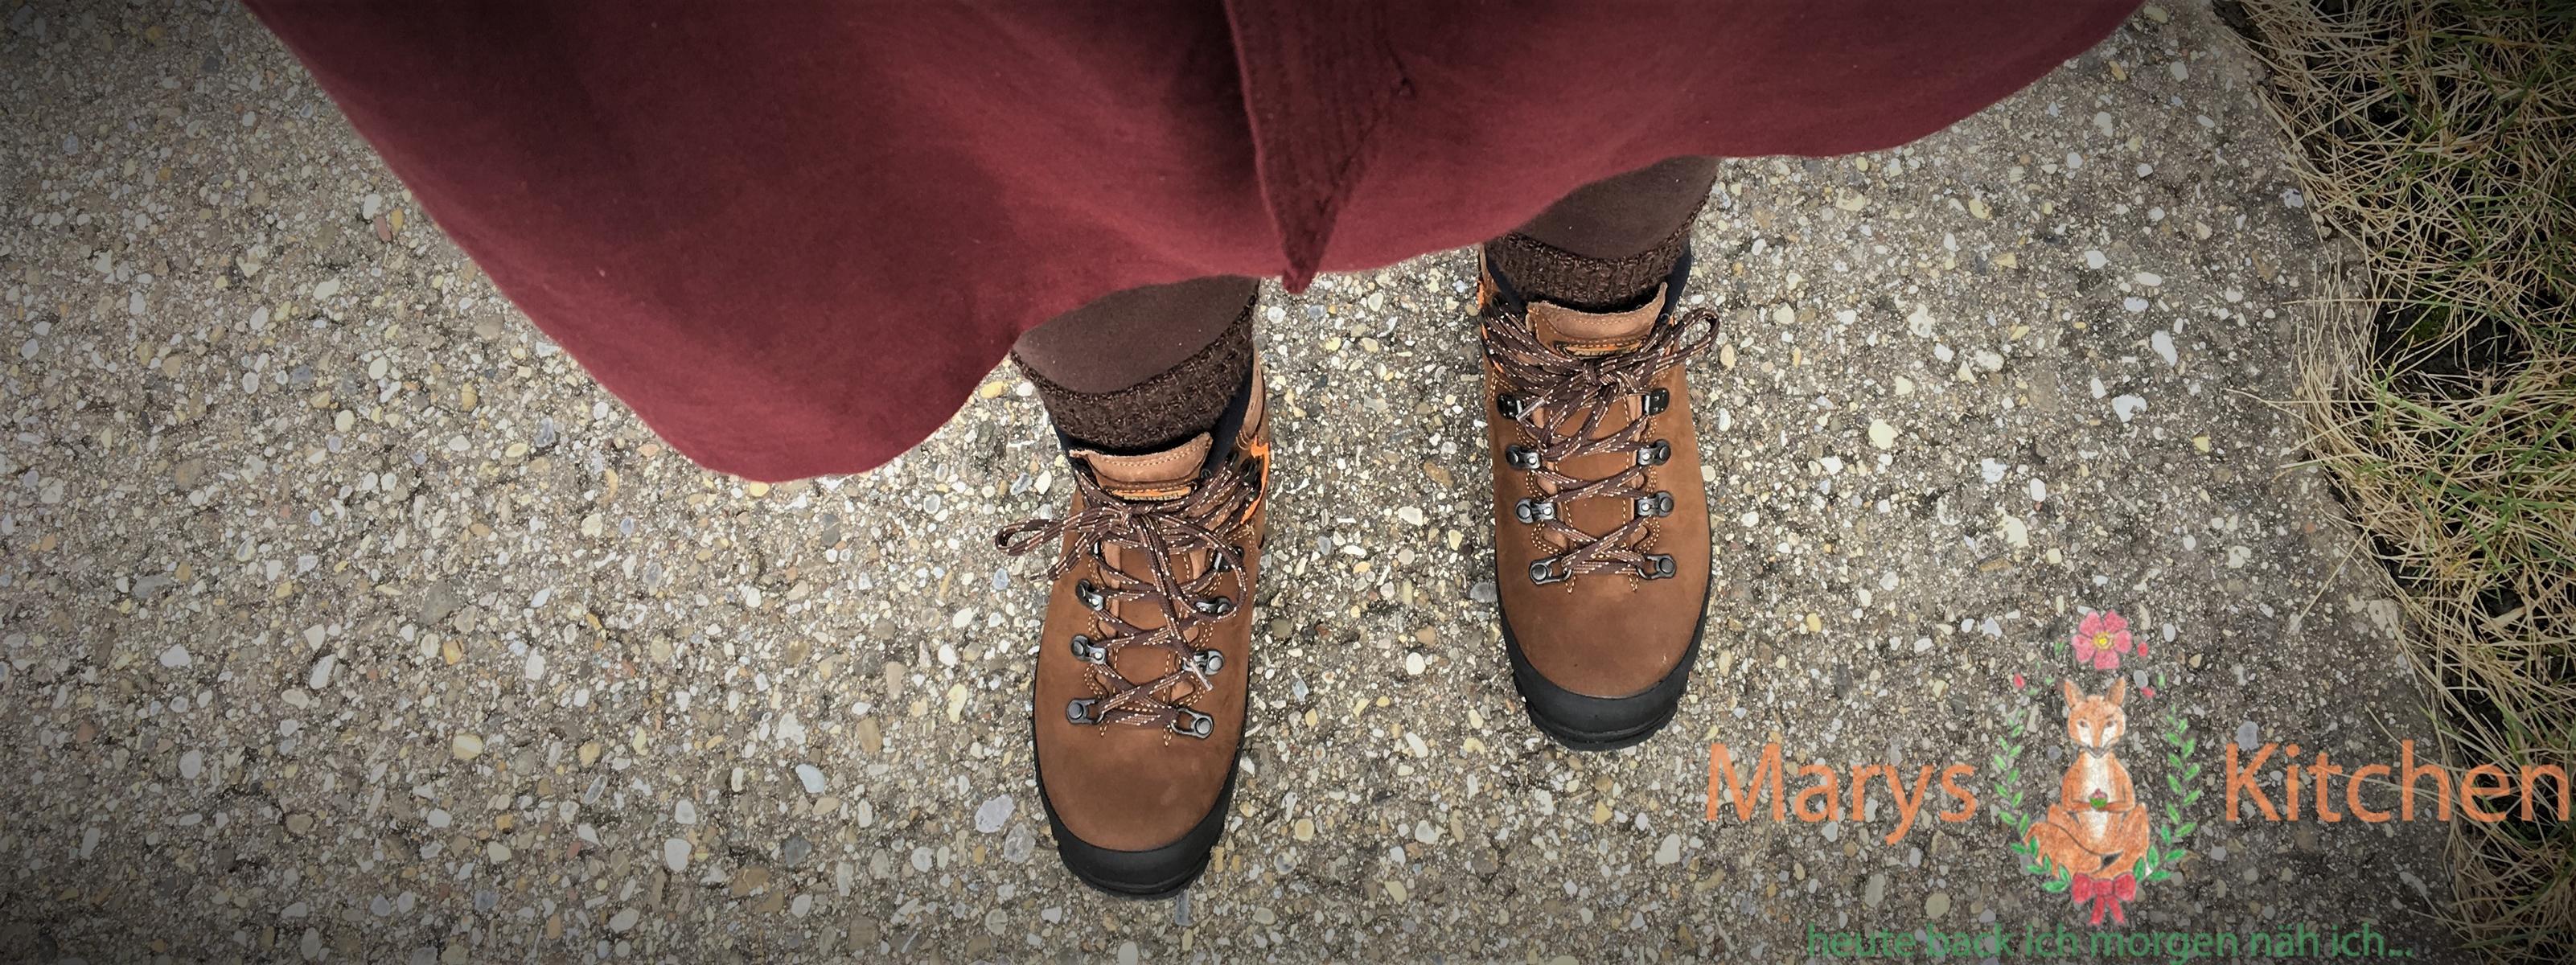 Meine perfekte garderobe 7 schuhe mary 39 s kitchen for Schuhe garderobe